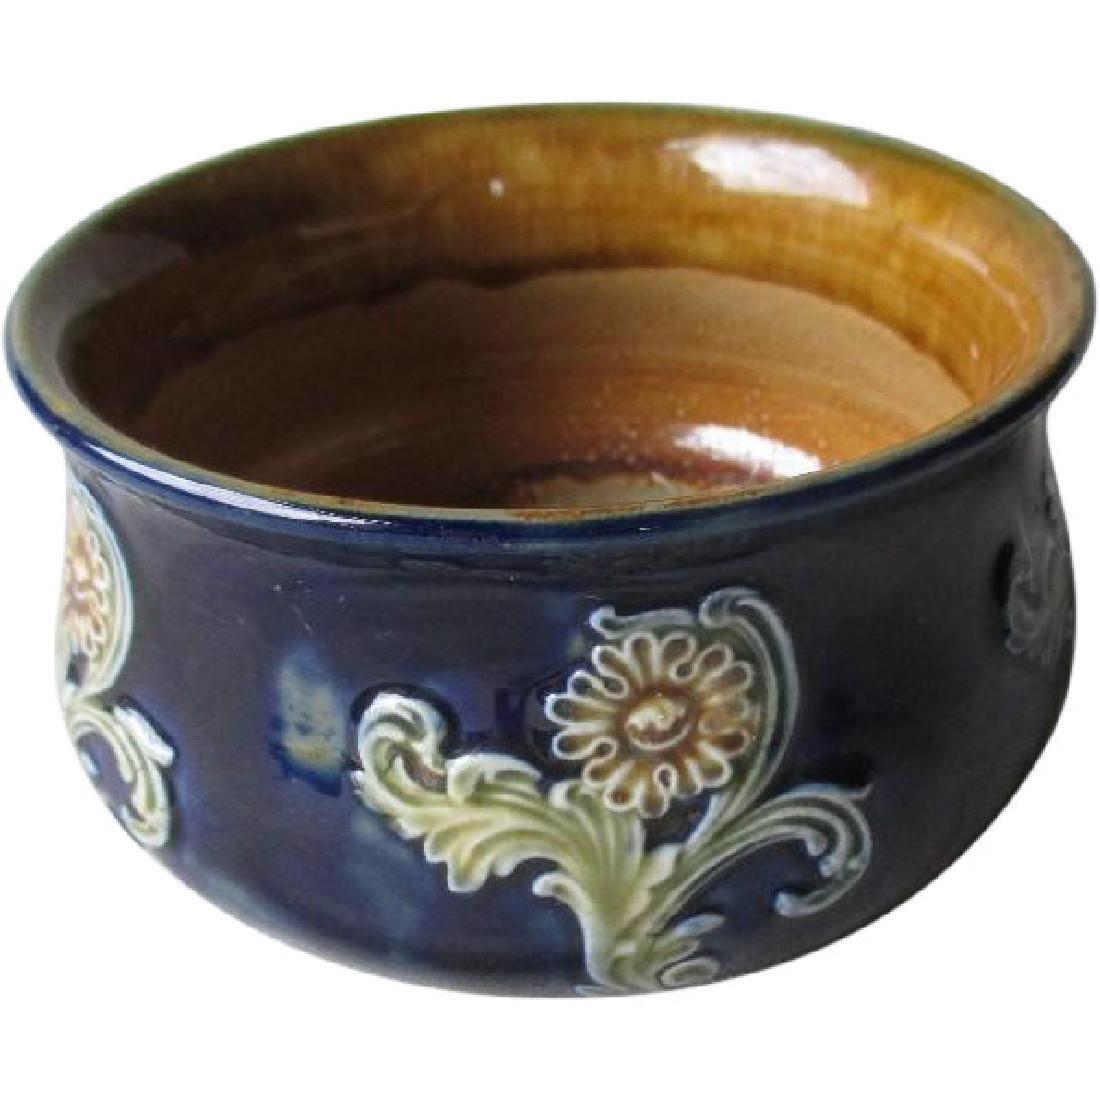 Gorgeous Royal Doulton Majolica Vase